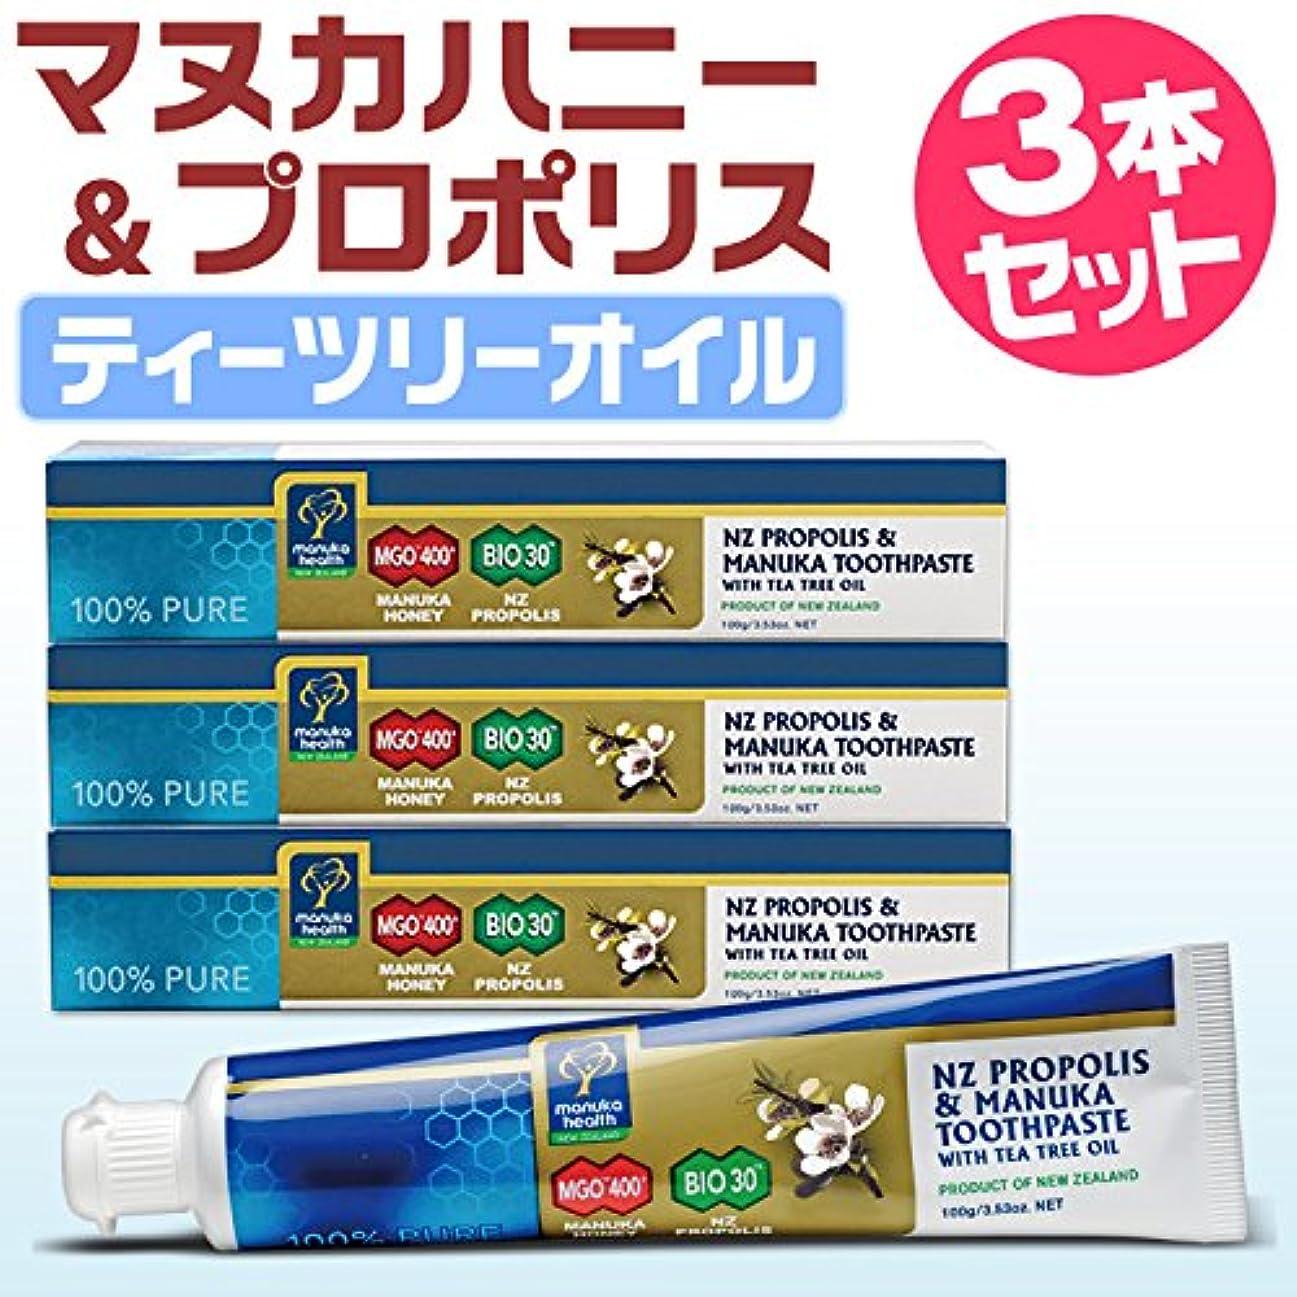 防ぐスカルク米ドルプロポリス&マヌカハニー MGO400+ ティーツリーオイル 歯磨き粉[100g]◆3本セット◆青